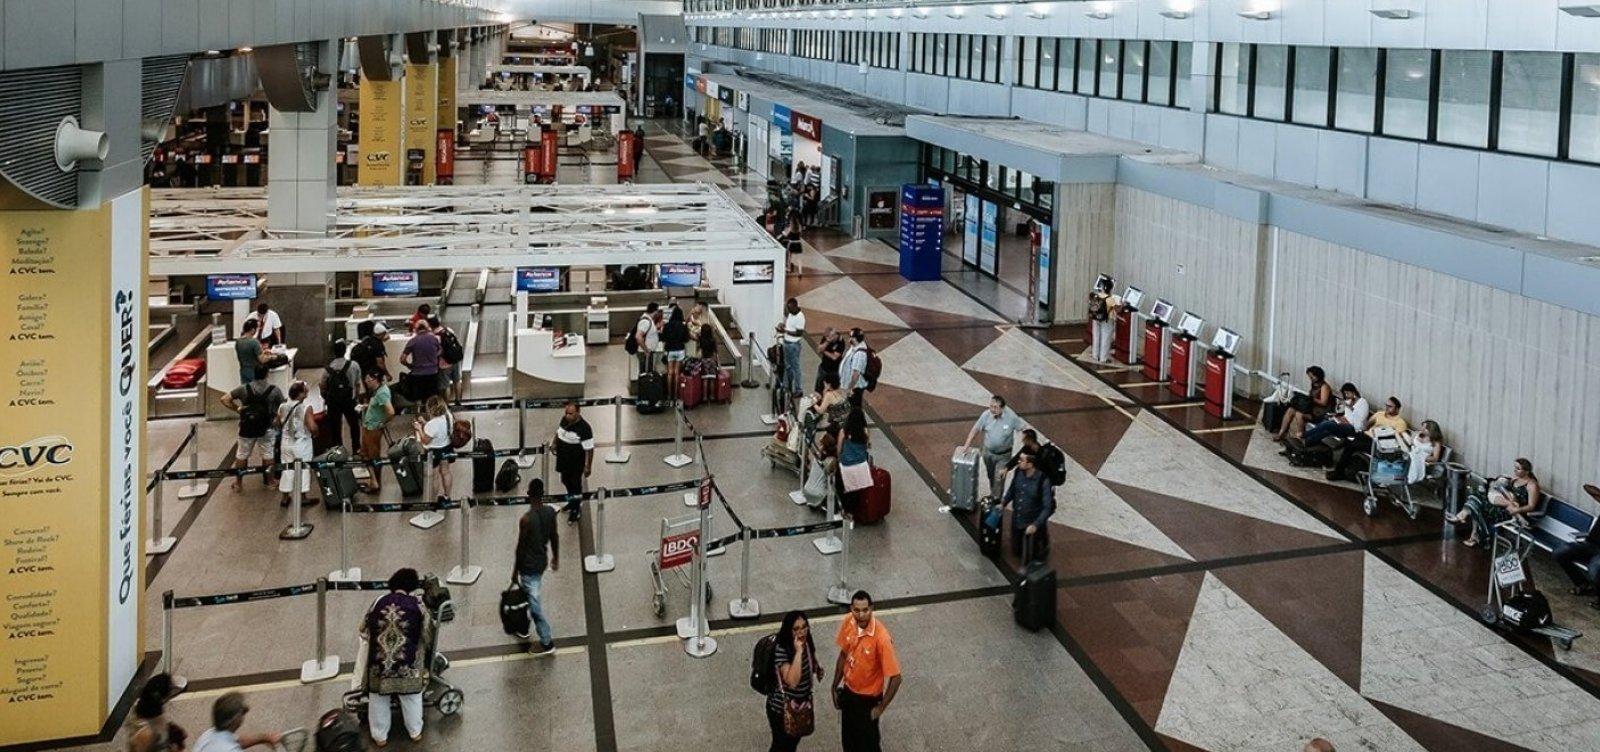 Despacho de bagagem de mão fora do padrão começa hoje em Salvador